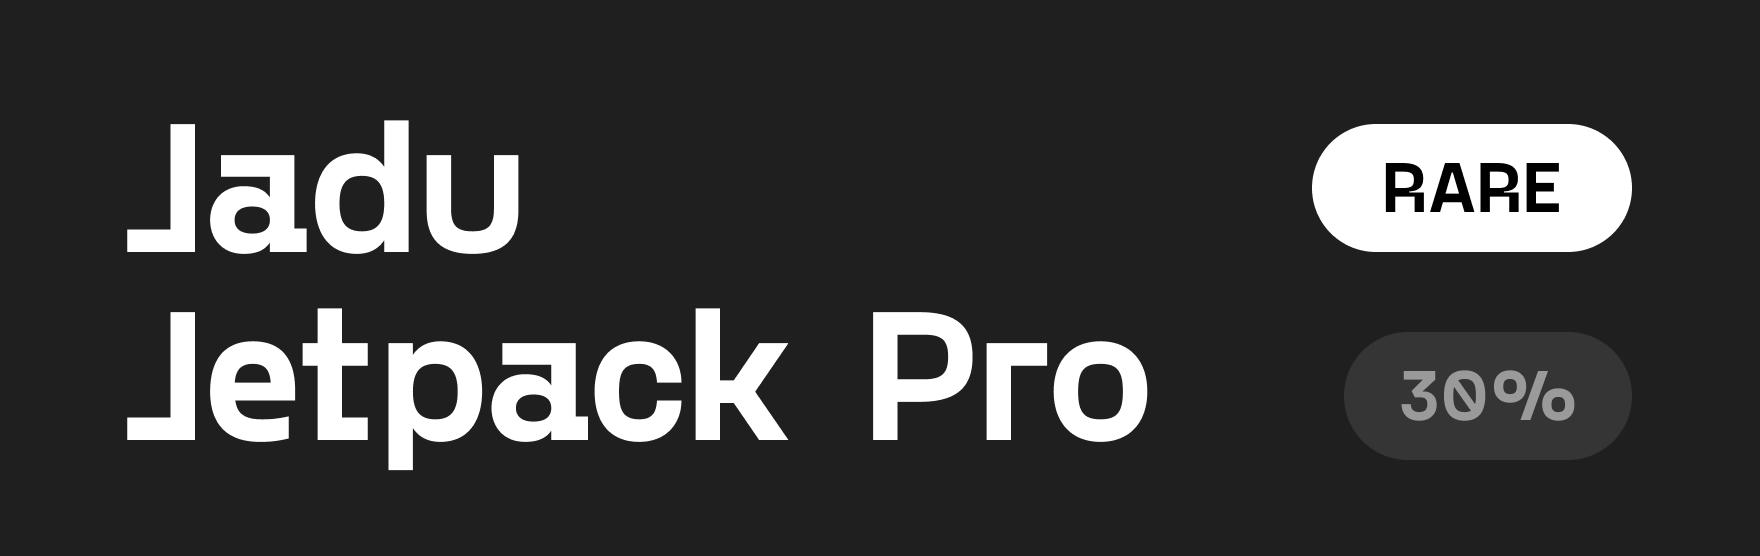 Jadu_NFT_Jetpack_Pro